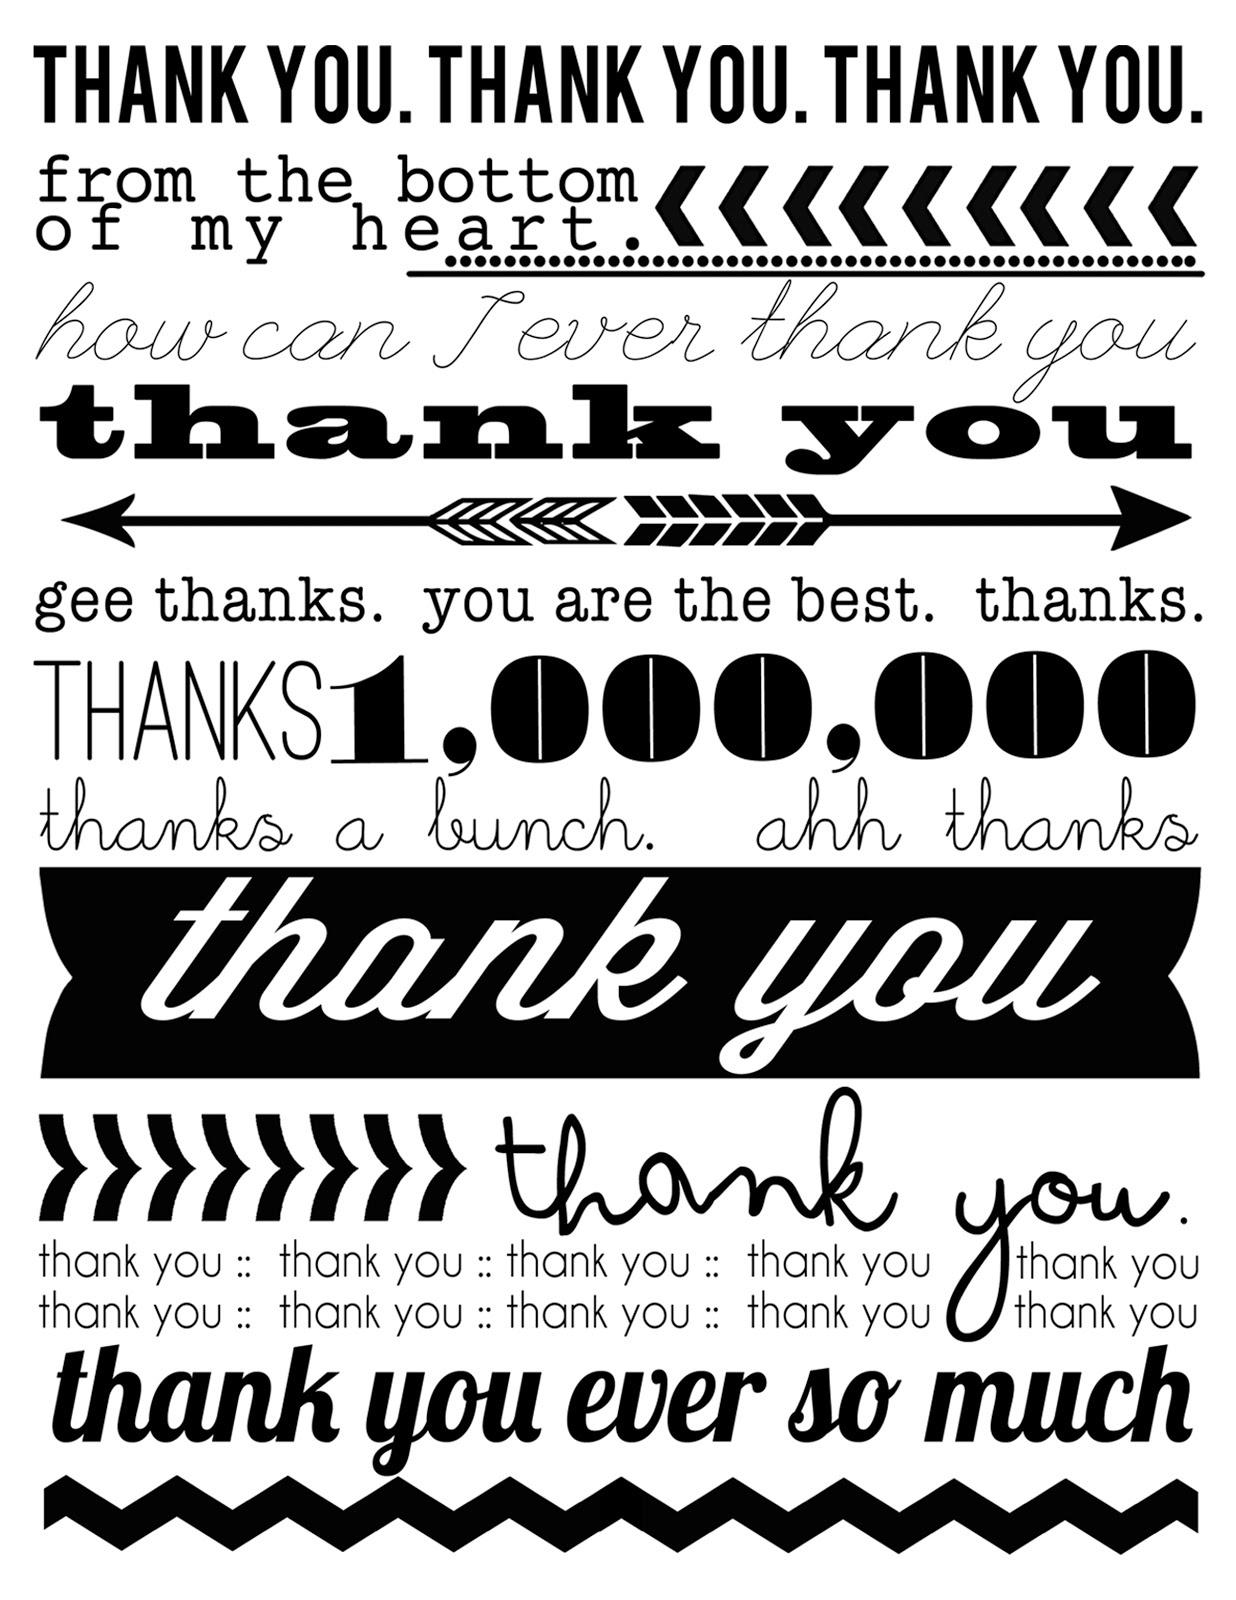 Ruffled Sunshine: Thank You Cards {Free Printable} - Free Printable Thank You Cards Black And White